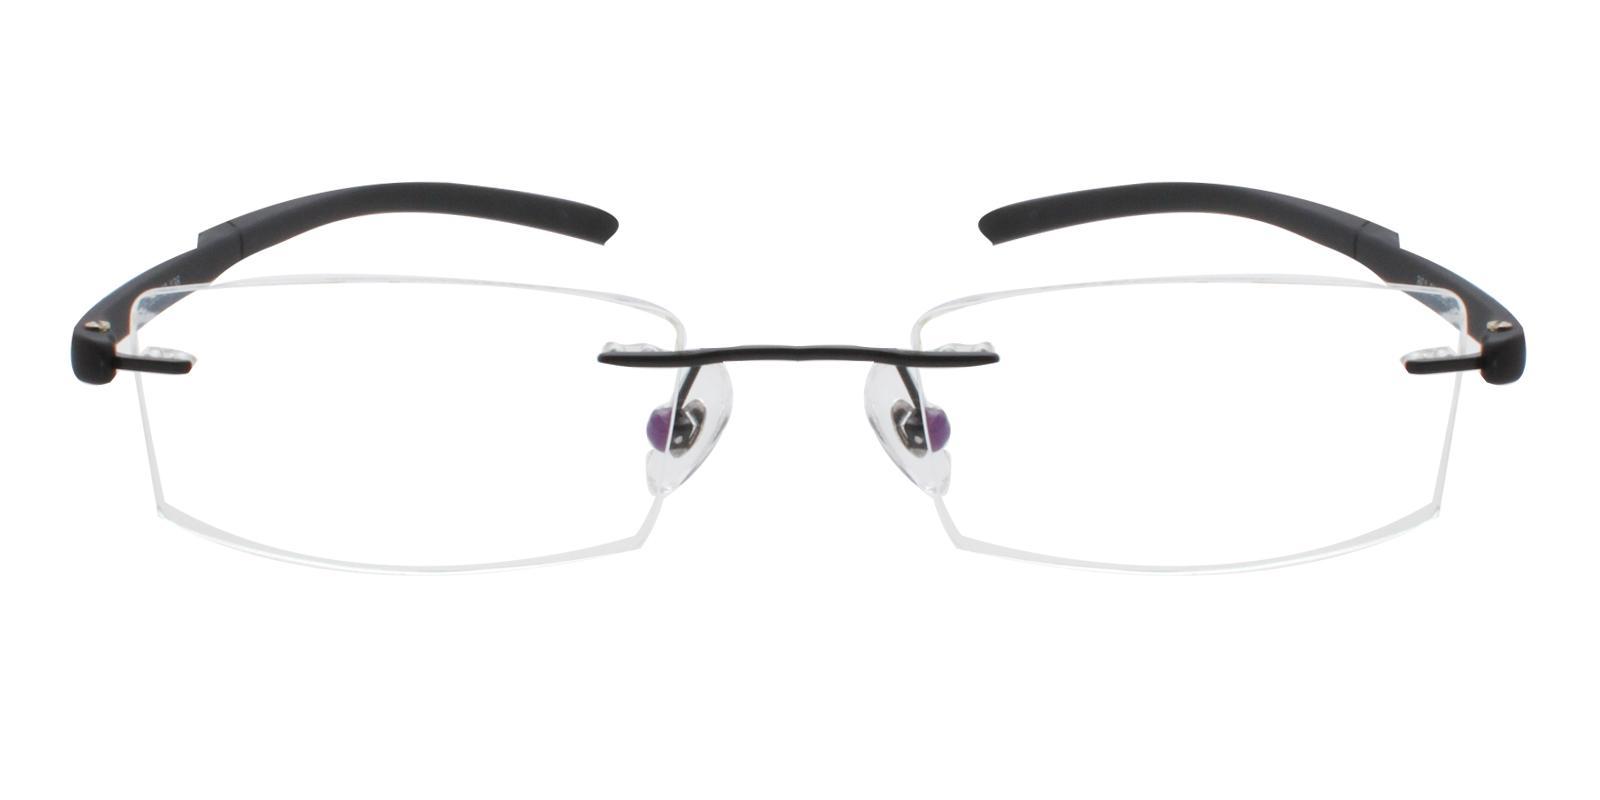 Hudson Gray Acetate , Metal , TR Eyeglasses , NosePads Frames from ABBE Glasses